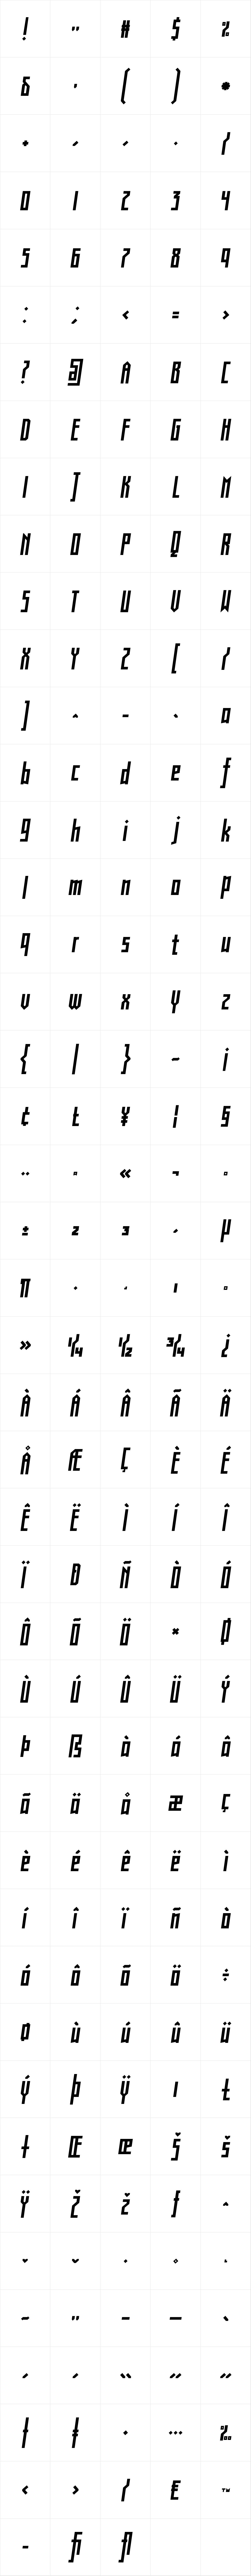 Muzarela Semi condensed Bold Italic